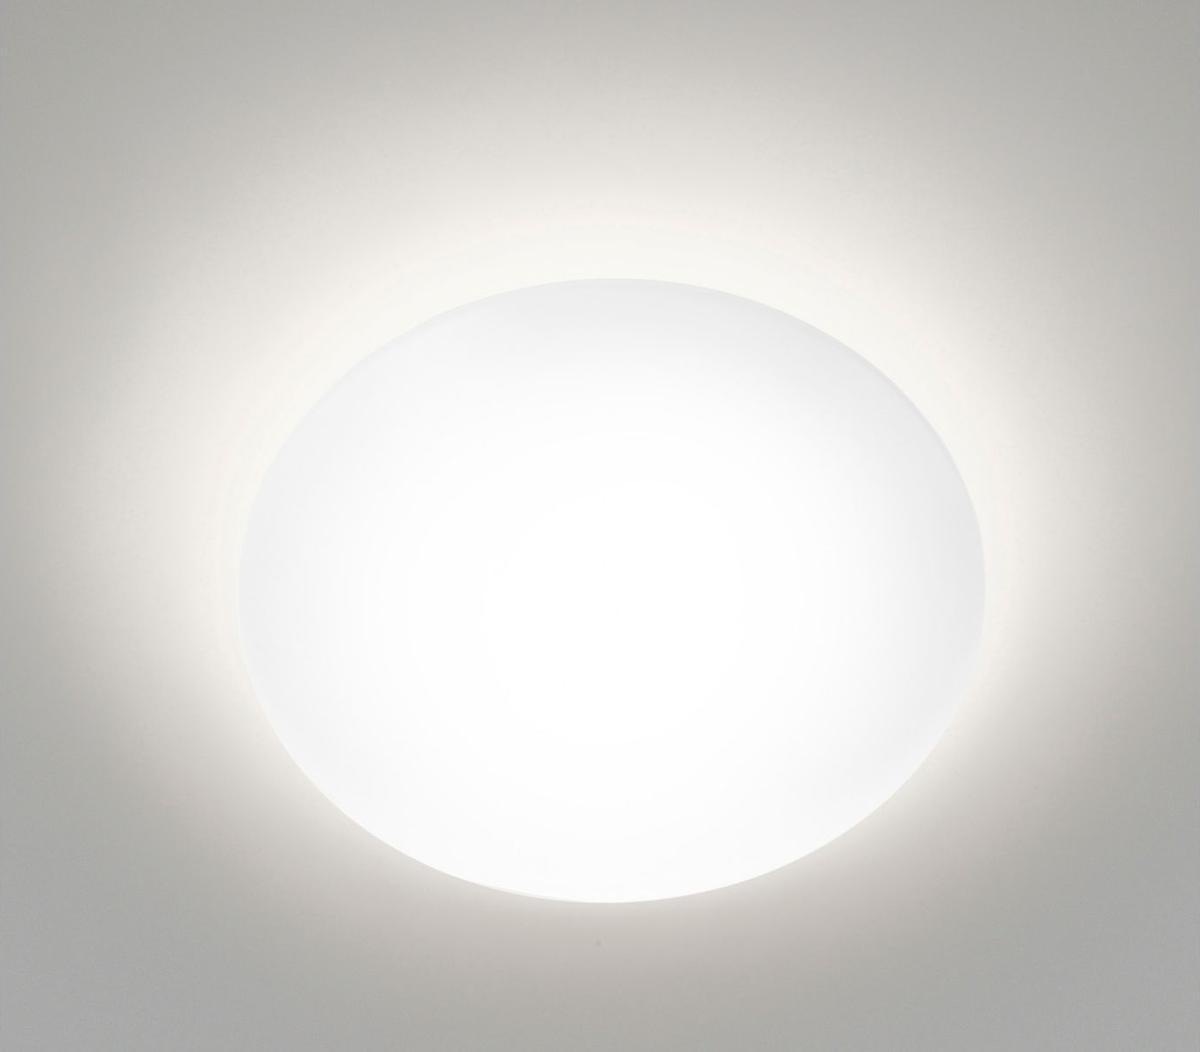 Philips LED deckenbeleuchtung Leuchte 4x2,4W Suede Tageslicht 31801/31/16